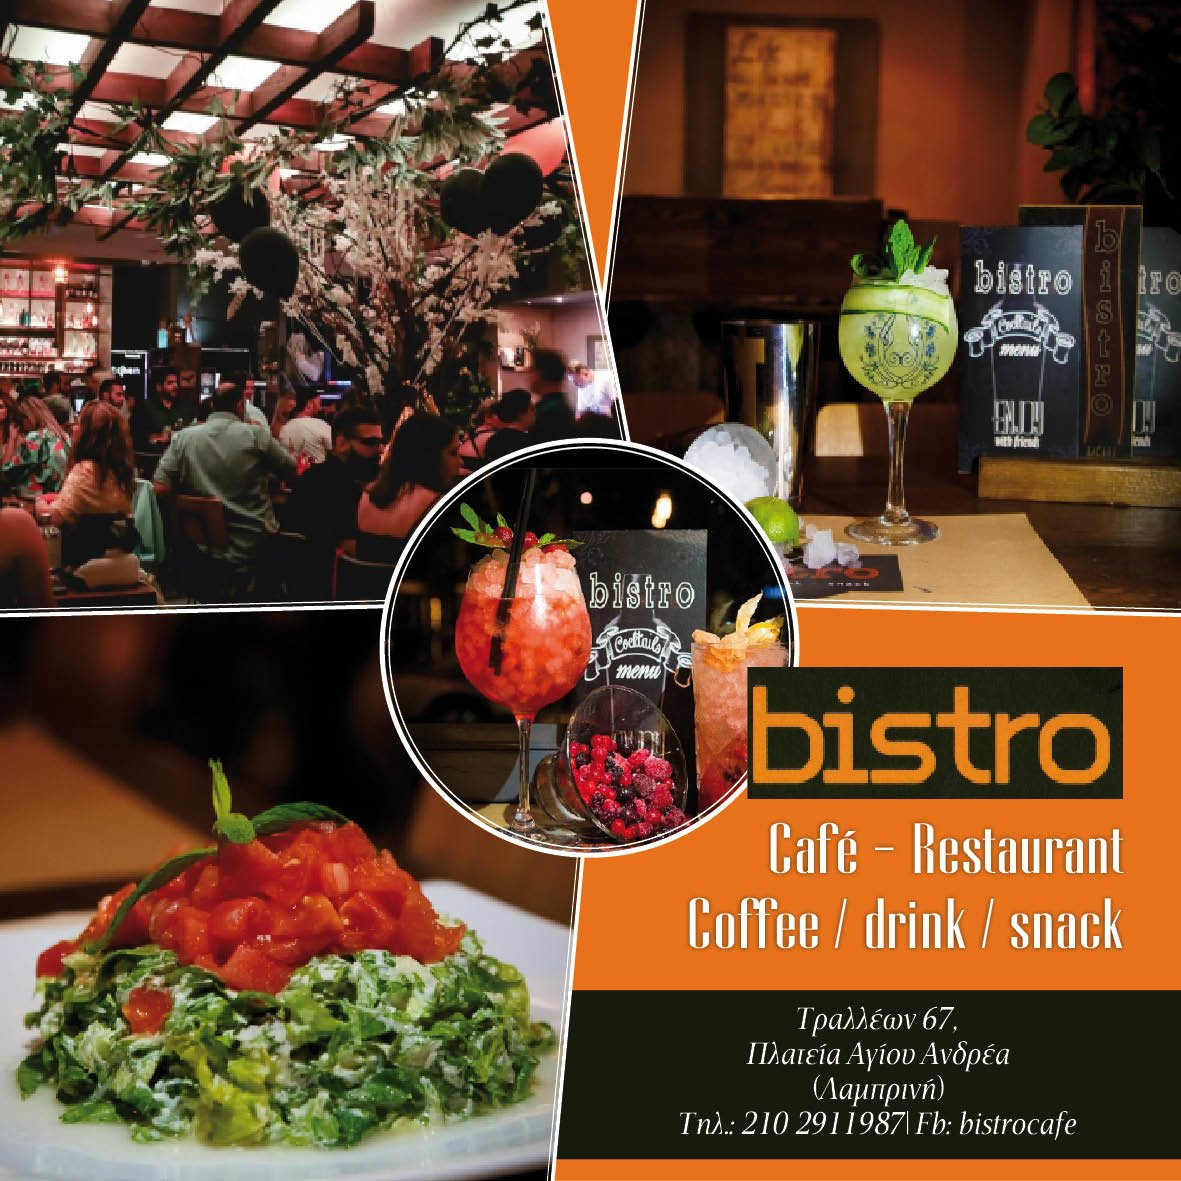 Bistro Café – Restaurant